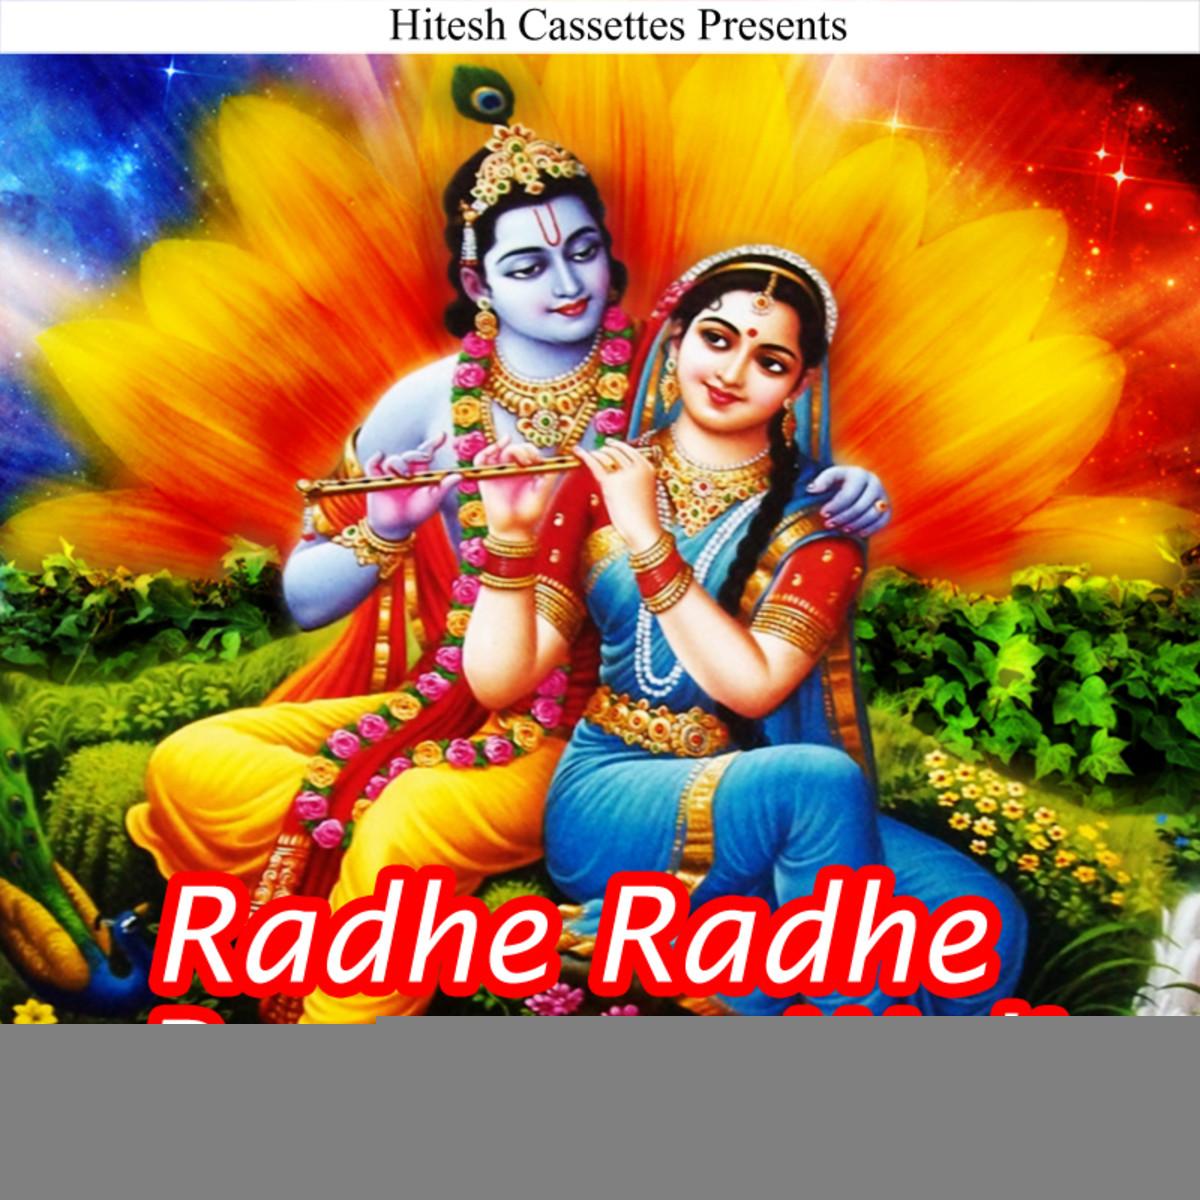 Radhe Radhe Barsaane Wali Lyrics In Hindi Radhe Radhe Barsaane Wali Radhe Radhe Barsaane Wali Song Lyrics In English Free Online On Gaana Com